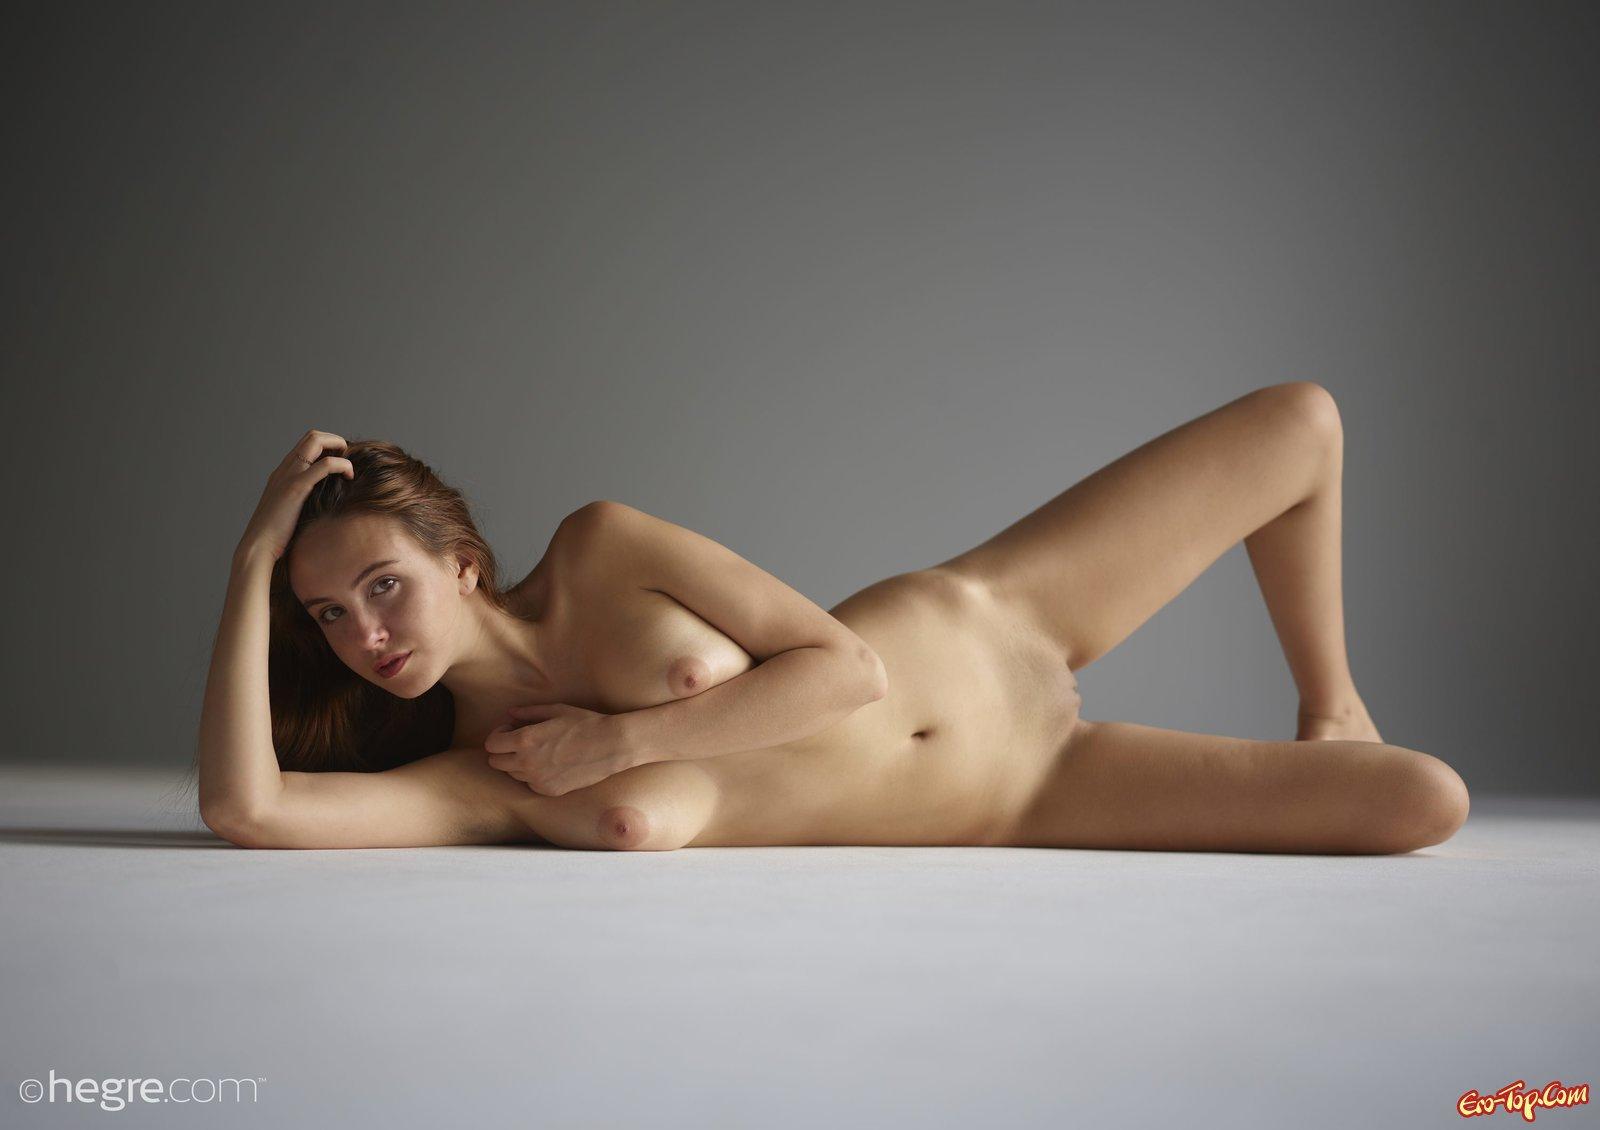 Обнаженная модель с шикарным телом